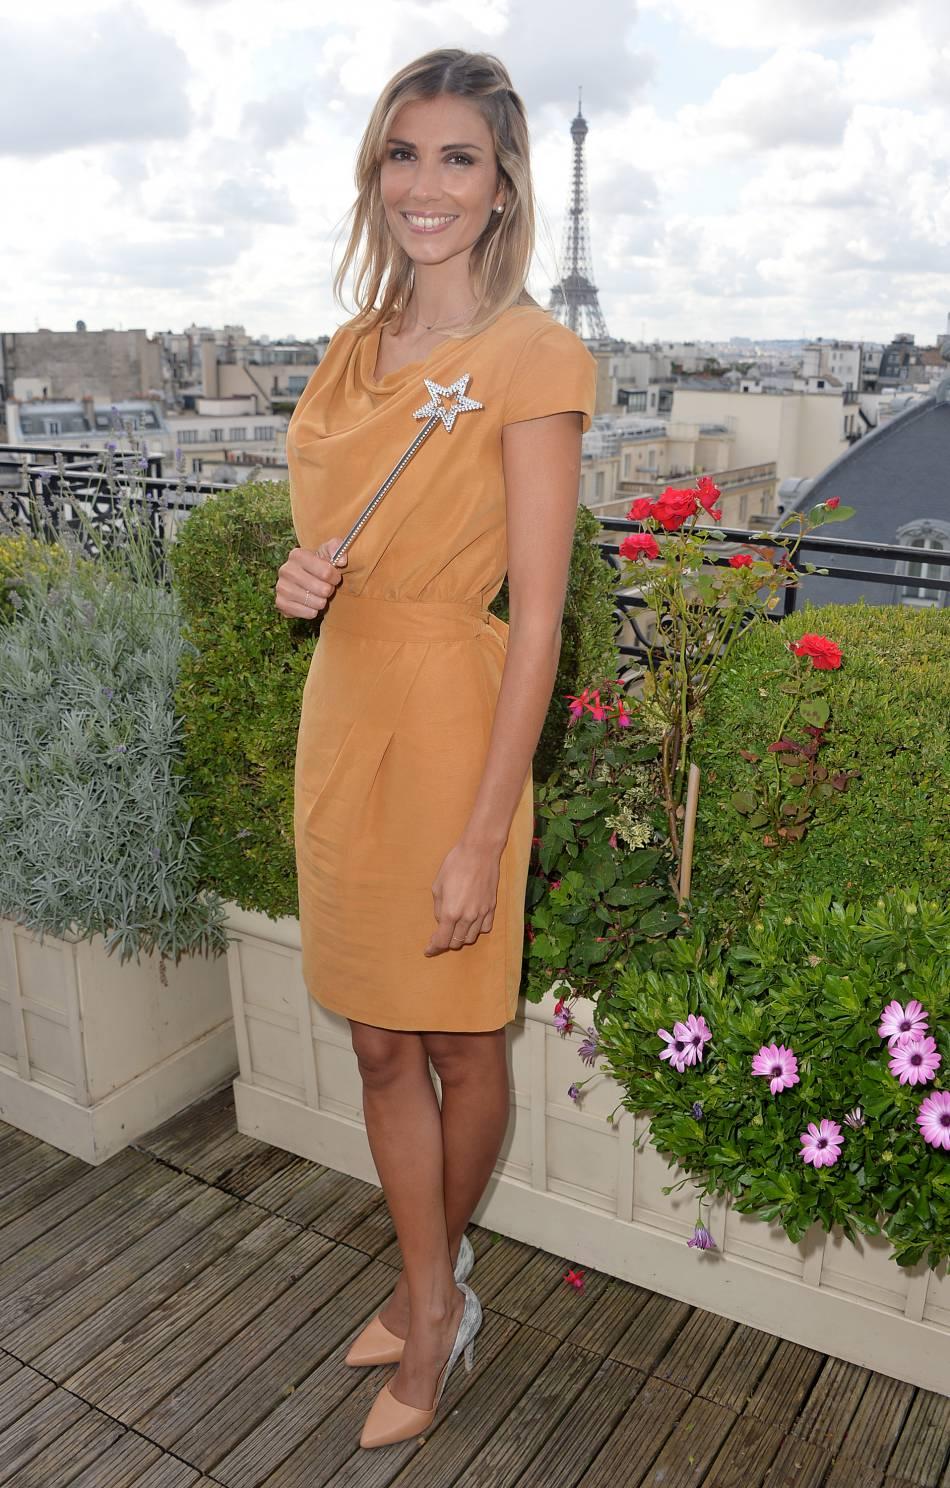 Ava, la fille d'Alexandra Rosenfeld a hérité de sa beauté et son sens du style.